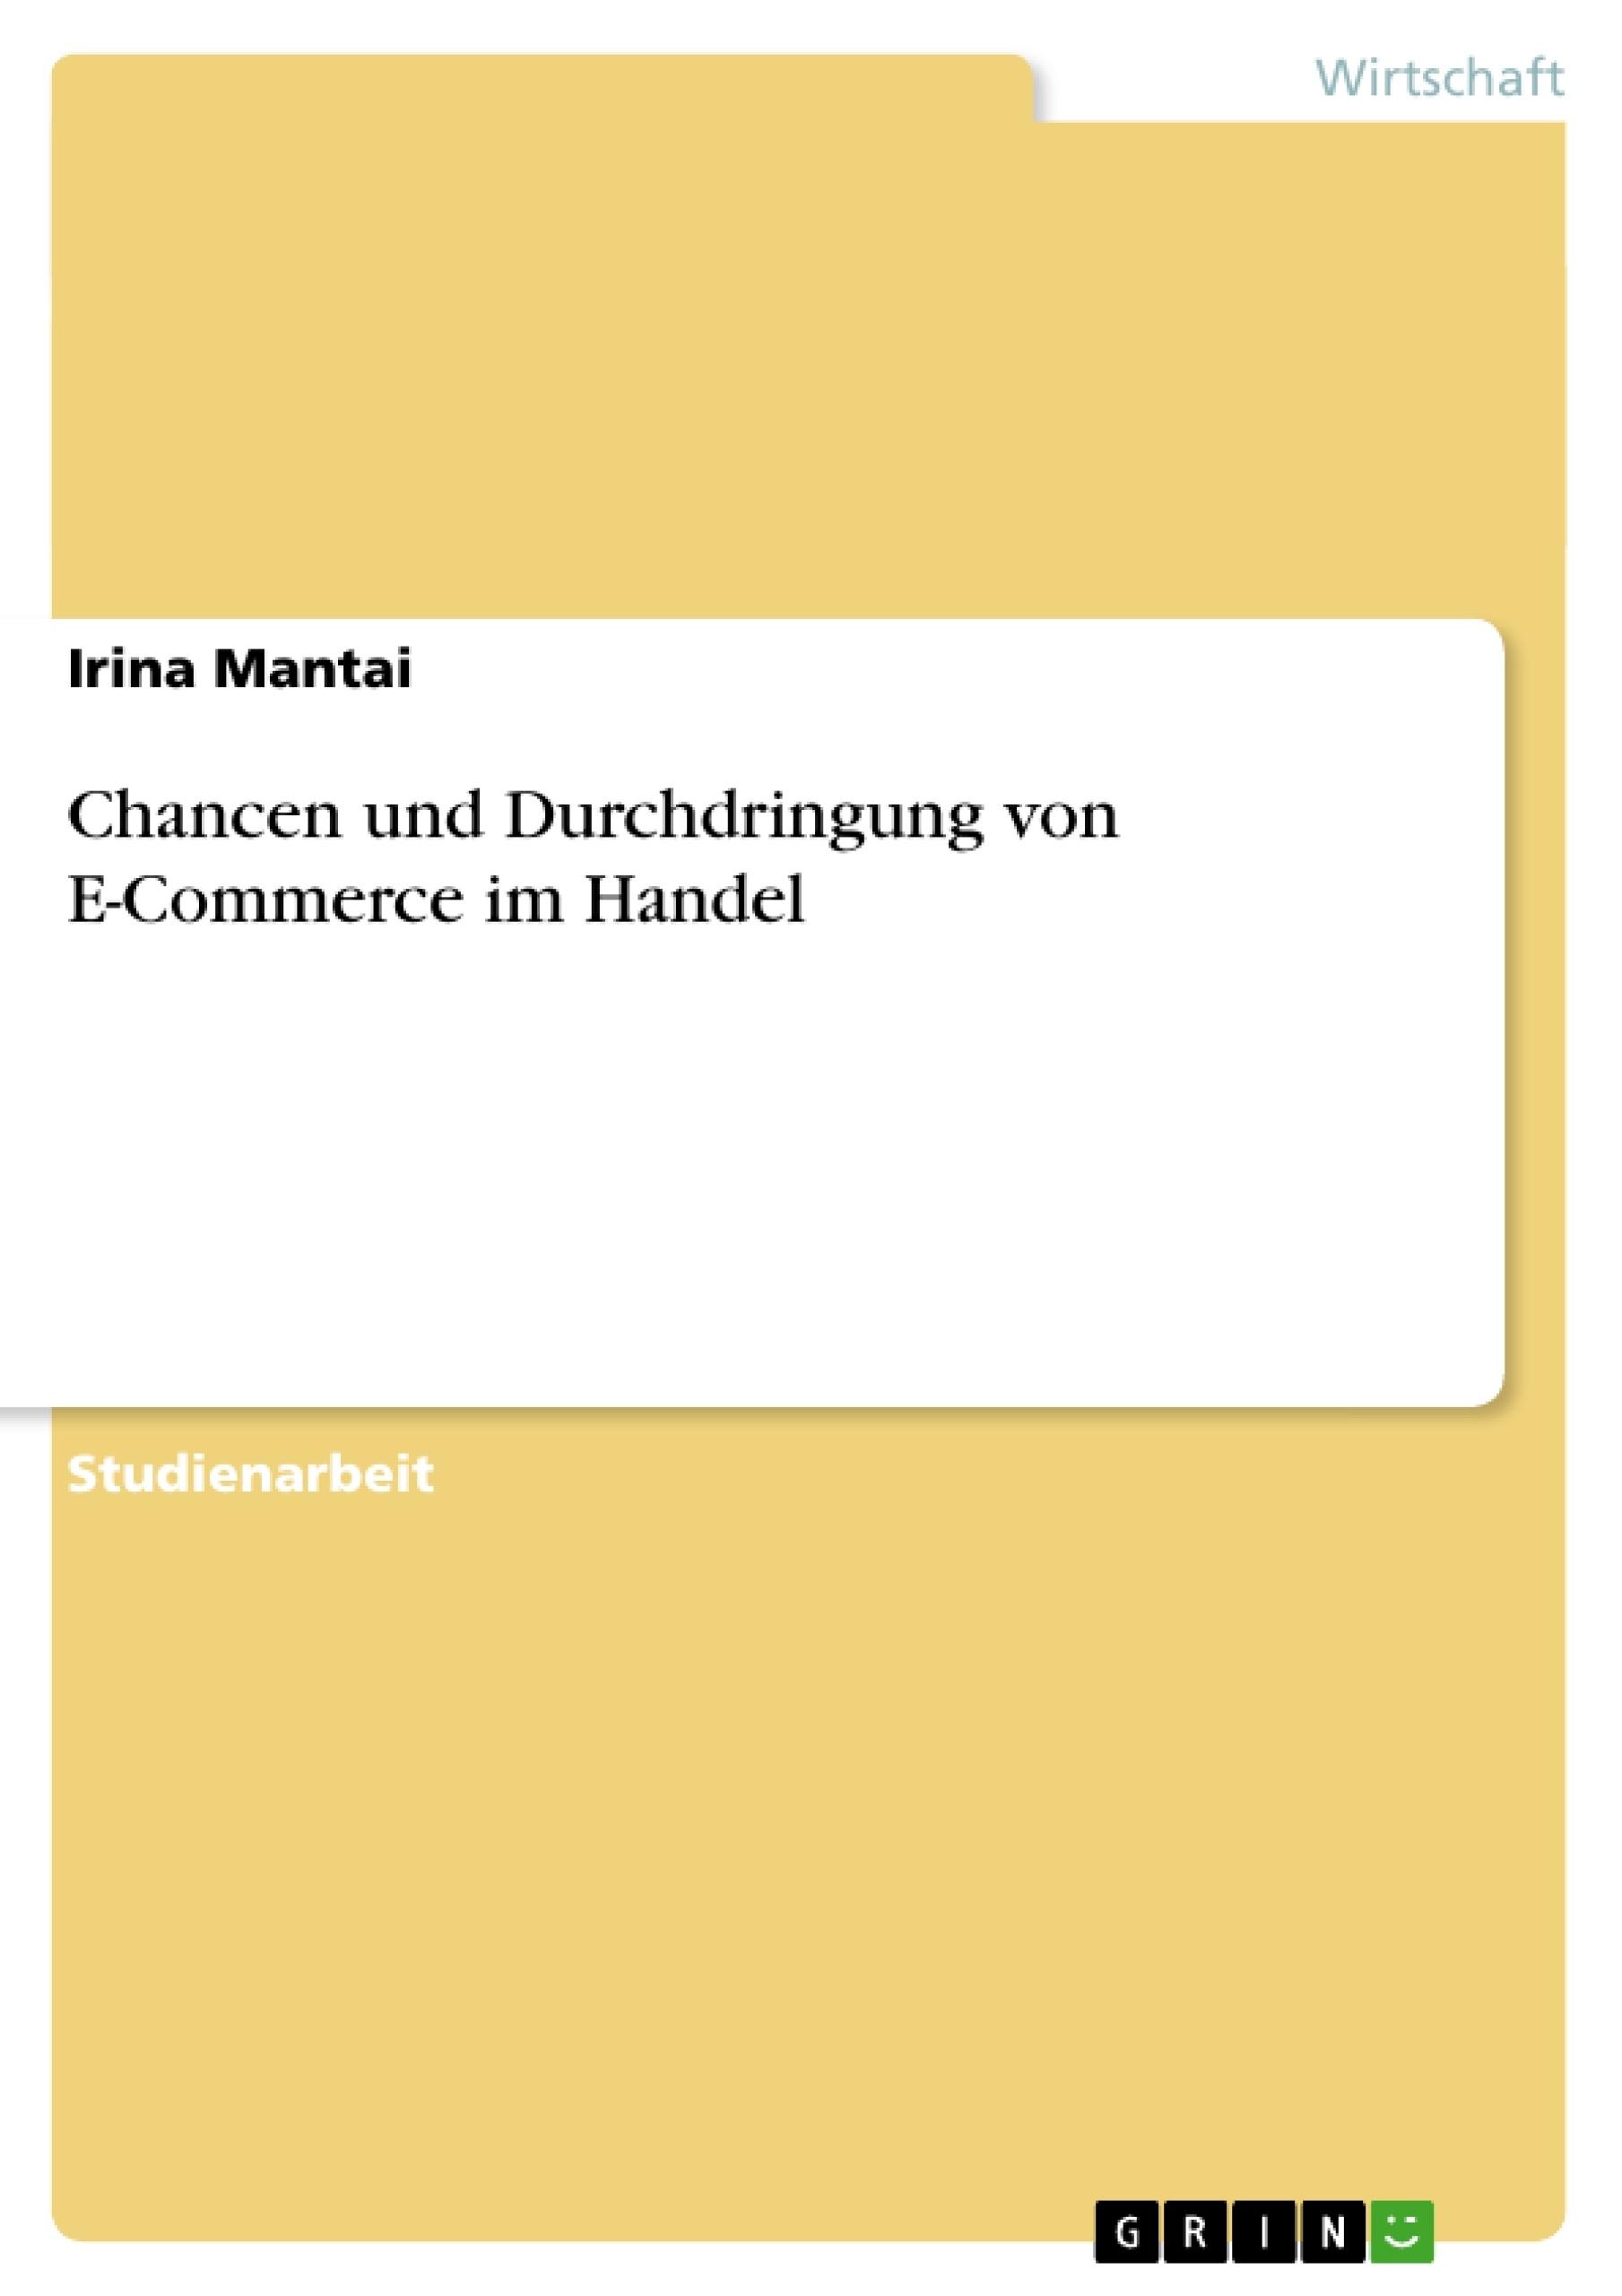 Titel: Chancen und Durchdringung von E-Commerce im Handel